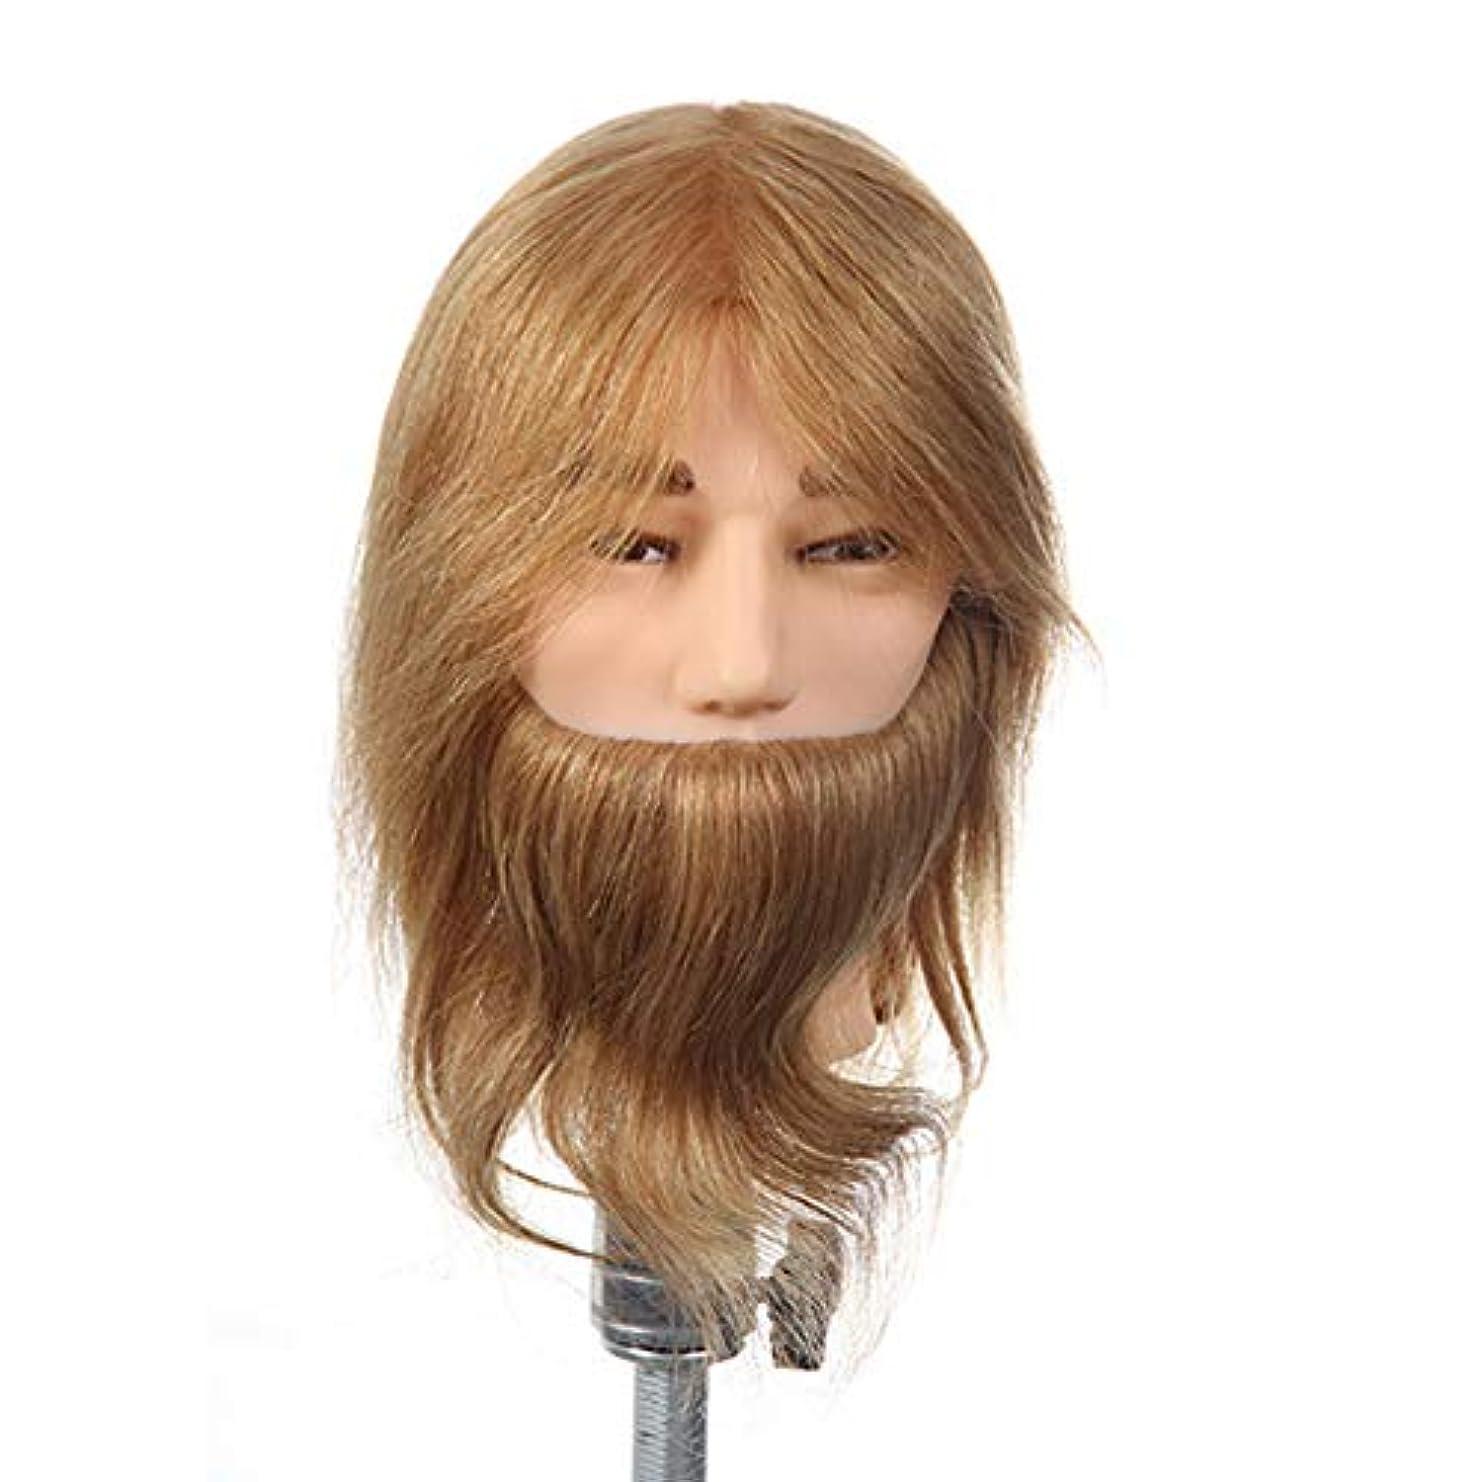 証言上に築きます夕暮れ本物のヘア男性化粧ダミーヘッドヘアサロン学習パーマ染めトリミング髪あごひげマネキンヘッド付き口ひげ指導ヘッド